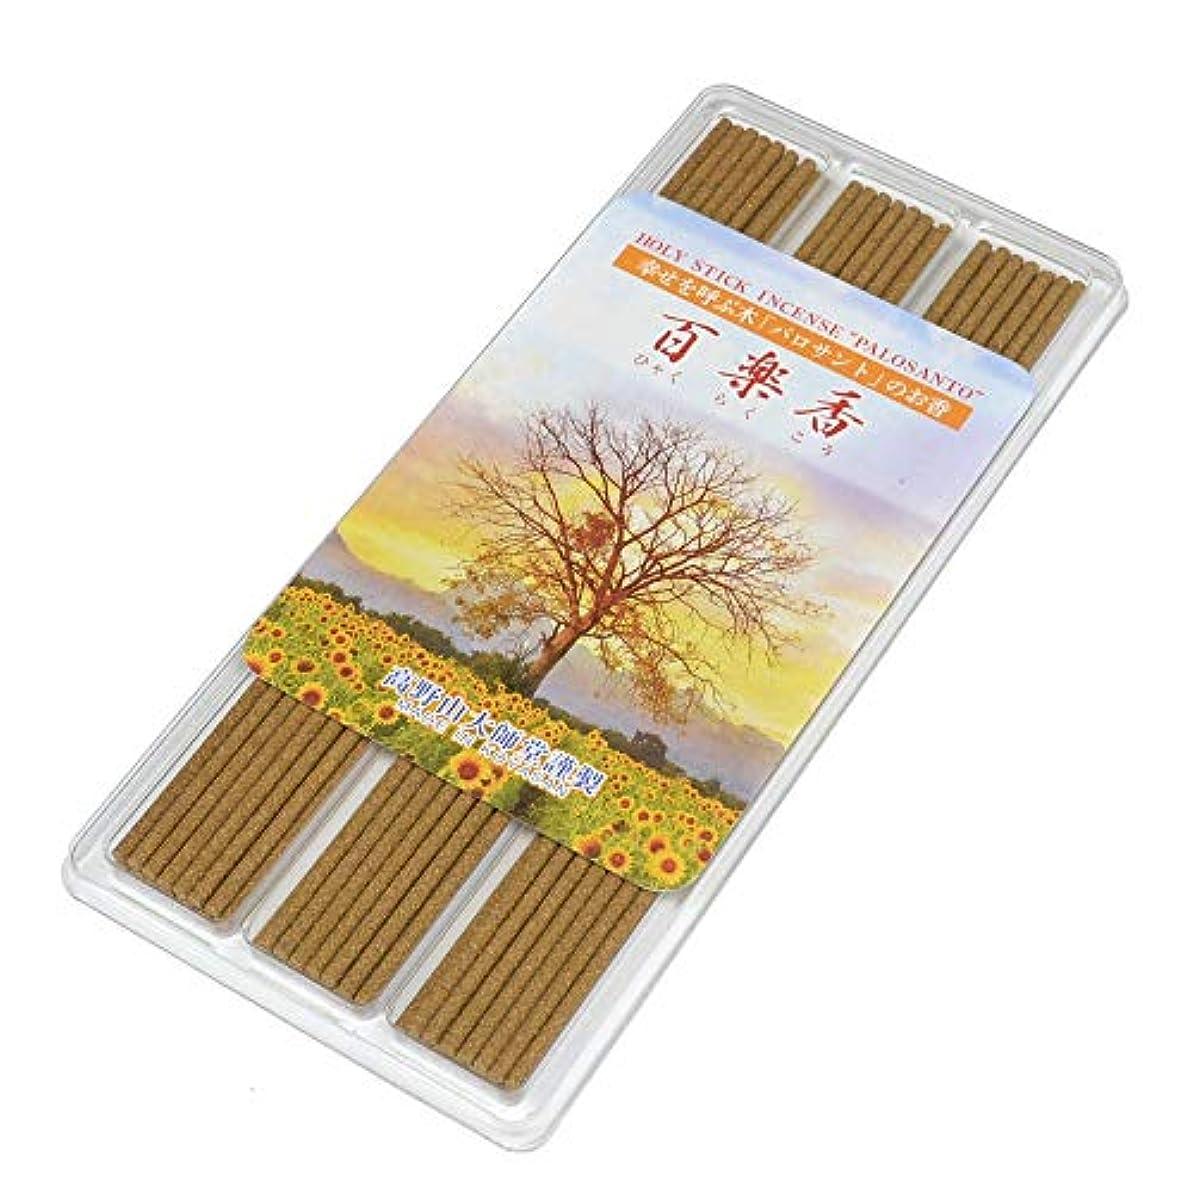 豊かにする保守的アナログ幸運の木「パロサント」のお香【徳用】Palo Santo Incense